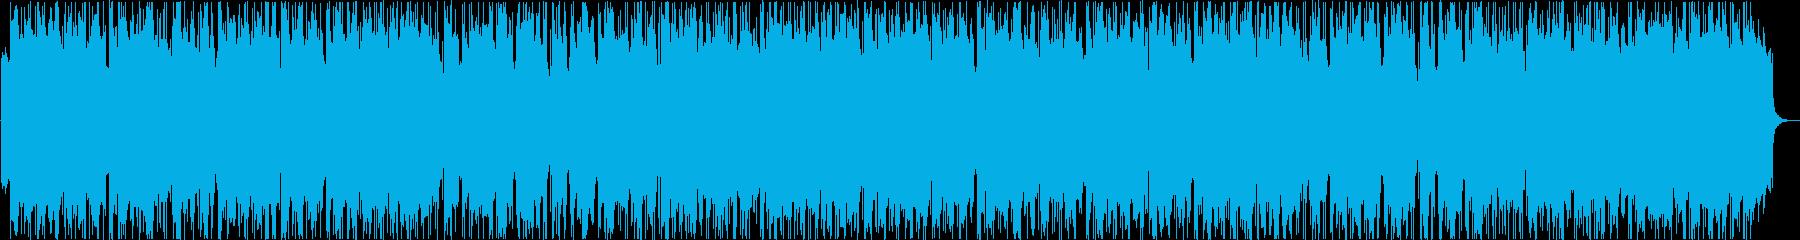 ゆったり爽やか南国ウクレレハワイアンaの再生済みの波形